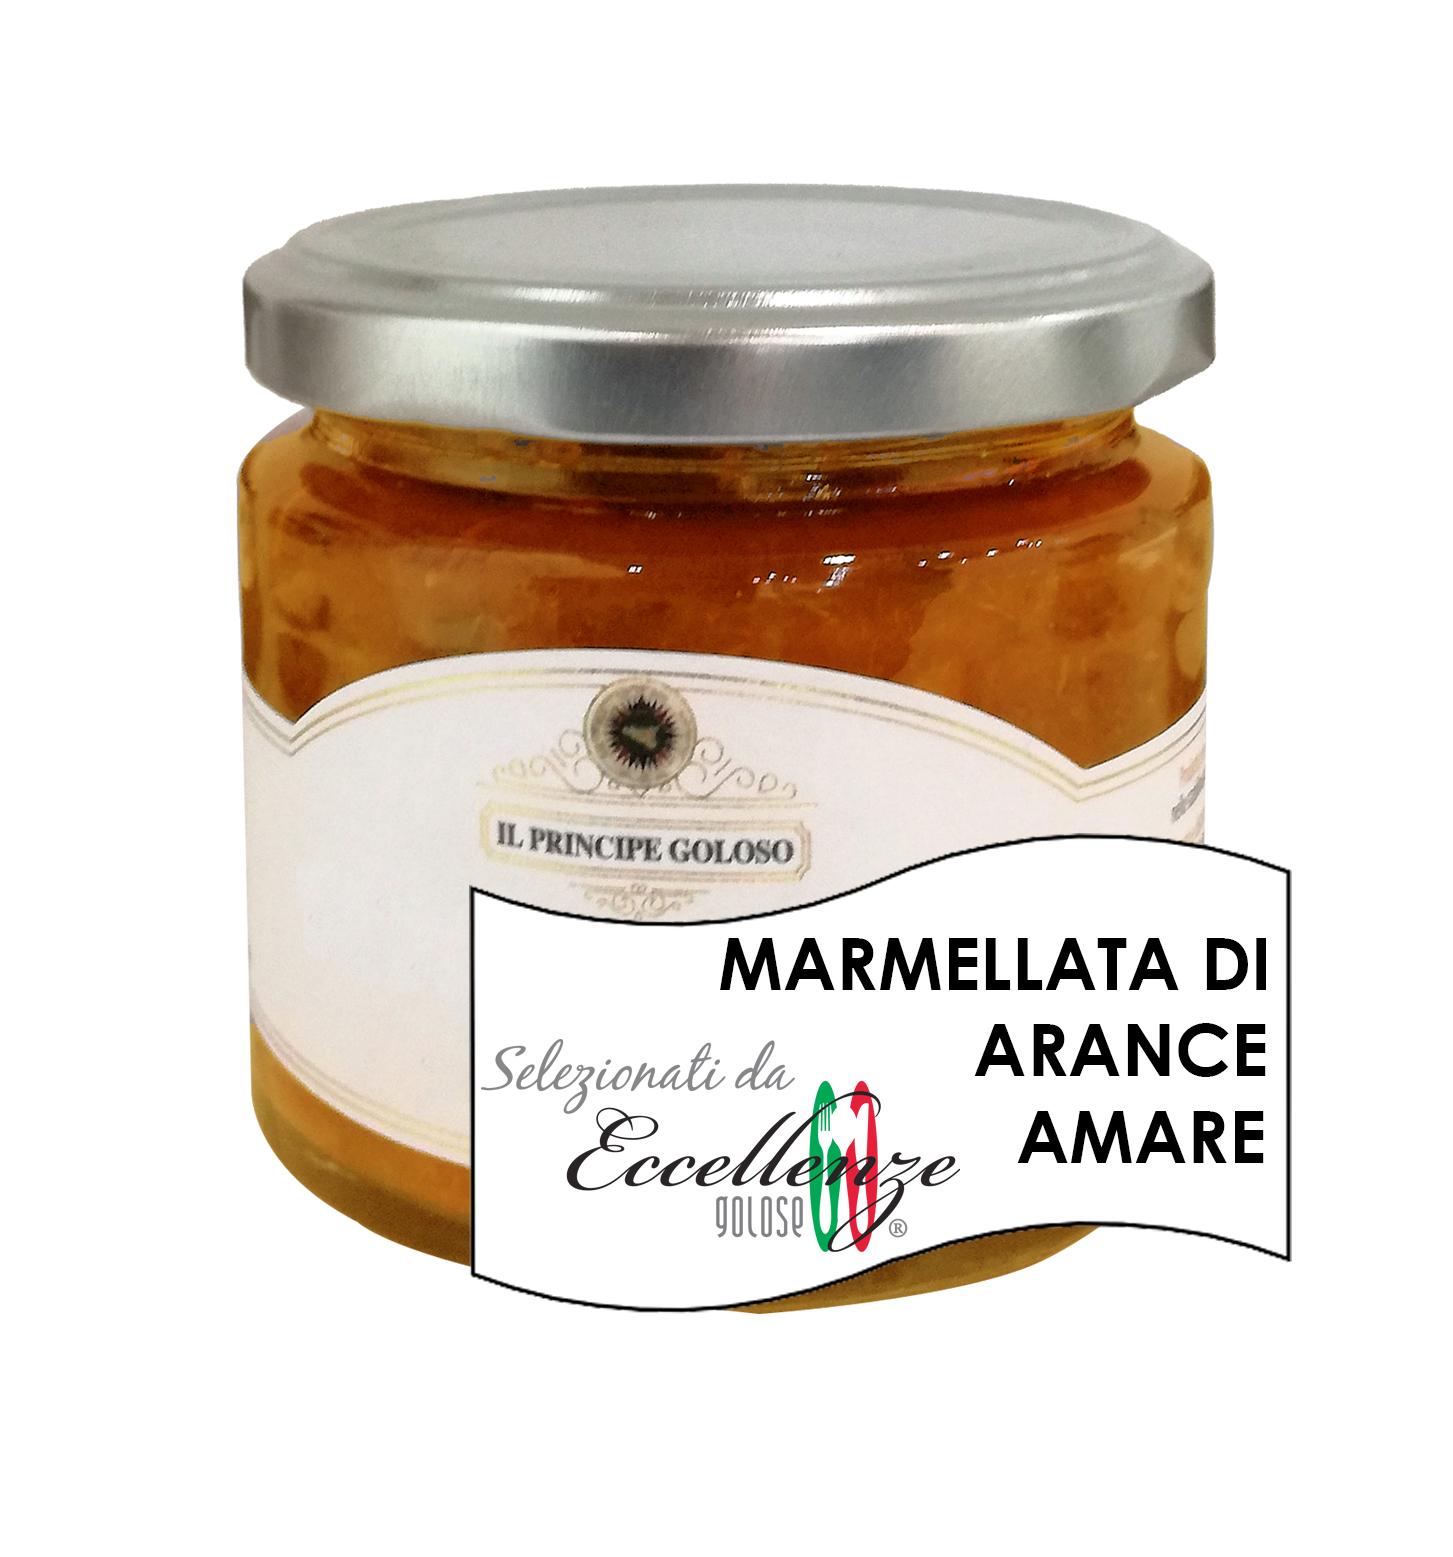 Marmellata-Di-Arance-Amare-Eccellenze-Golose